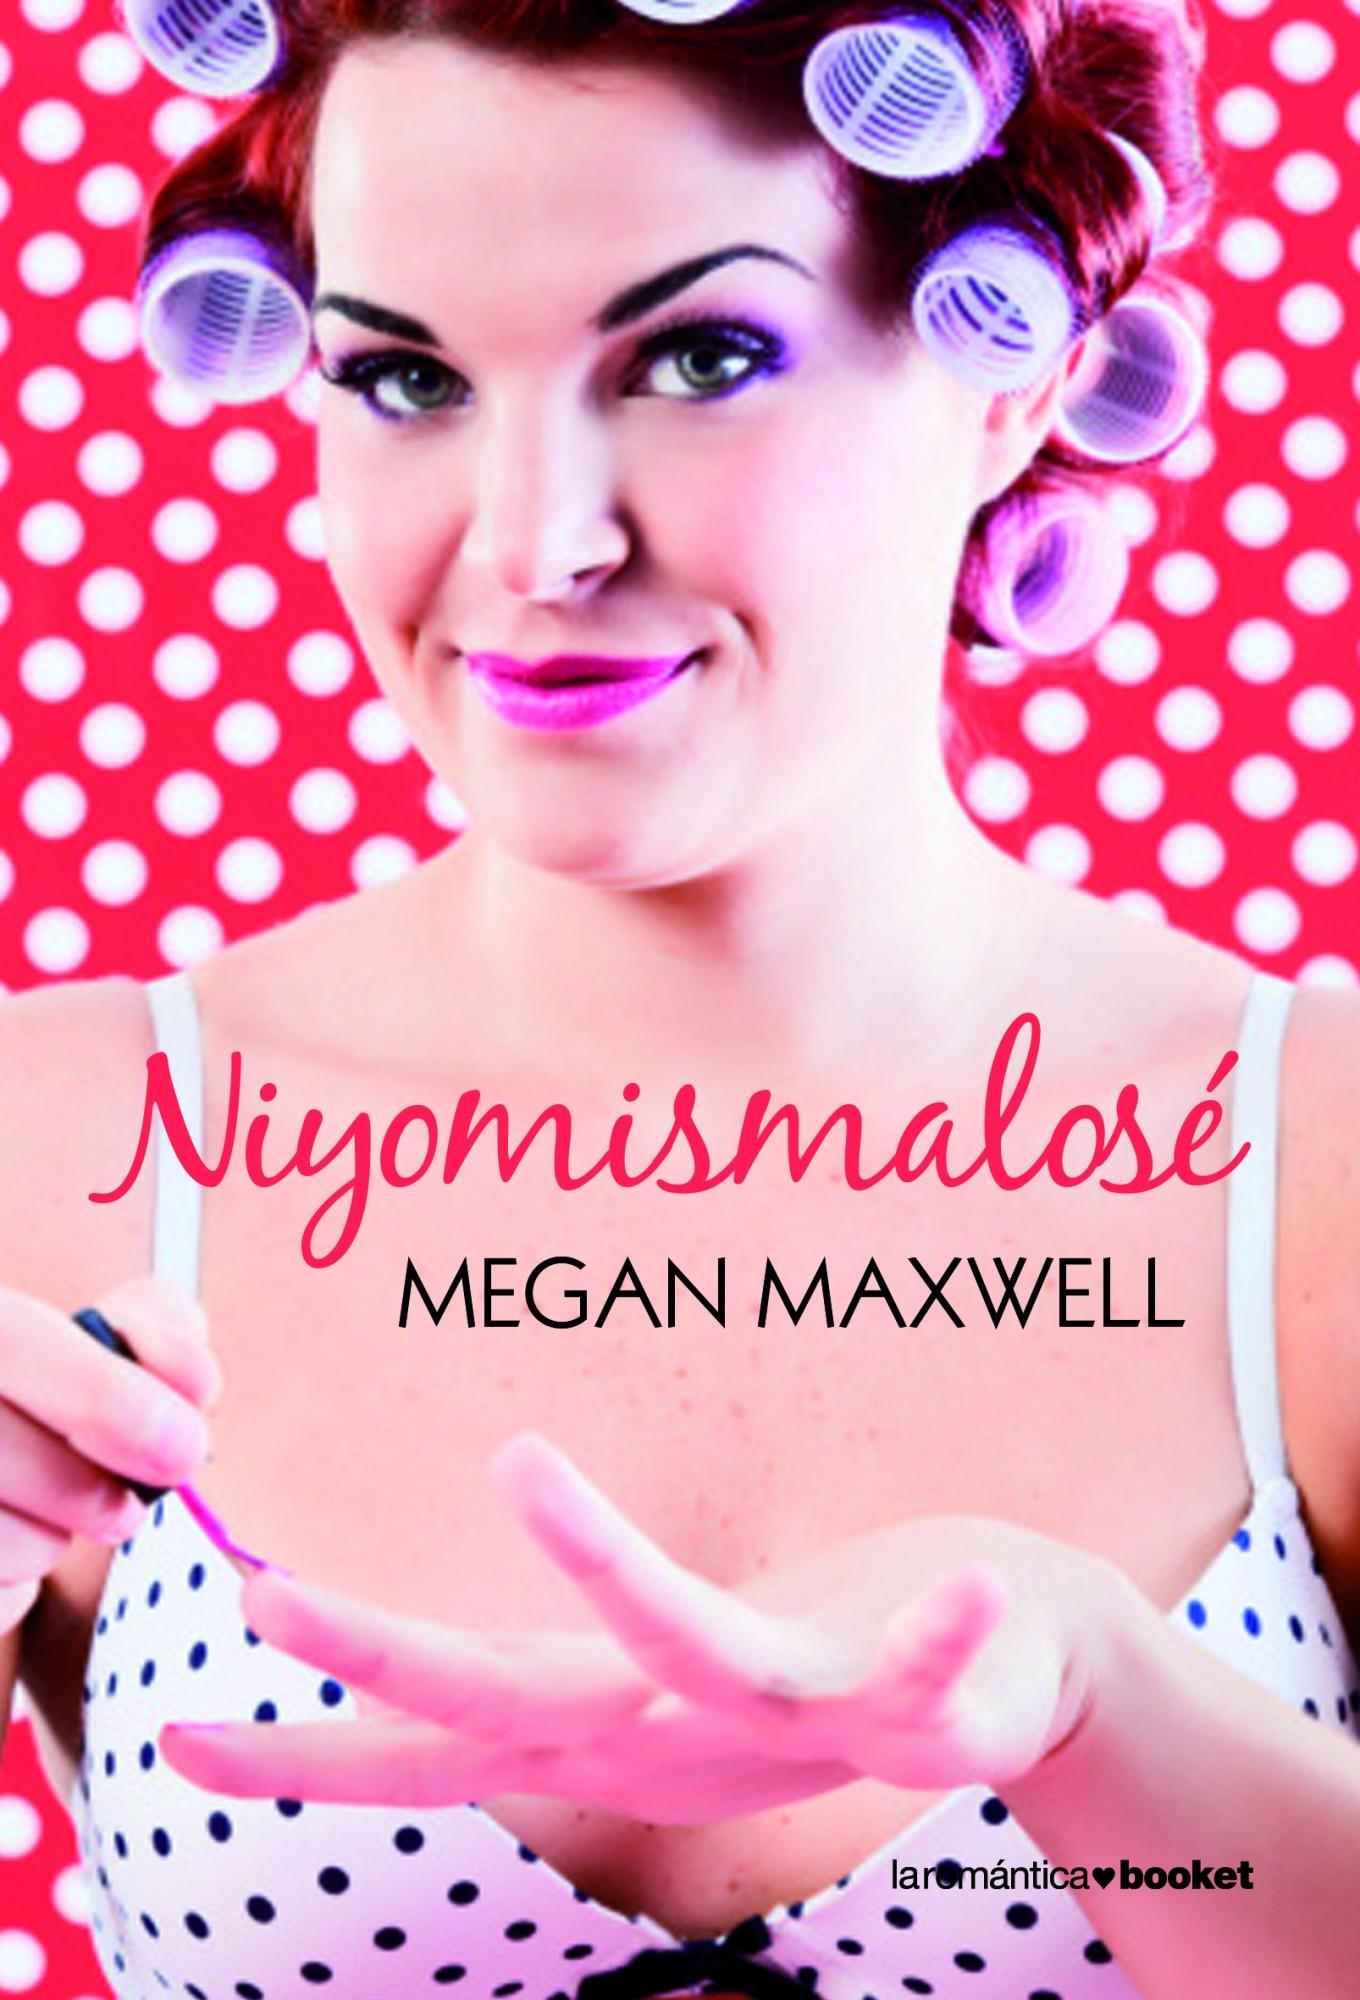 libro-niyomisma-lose-meganmaxwell